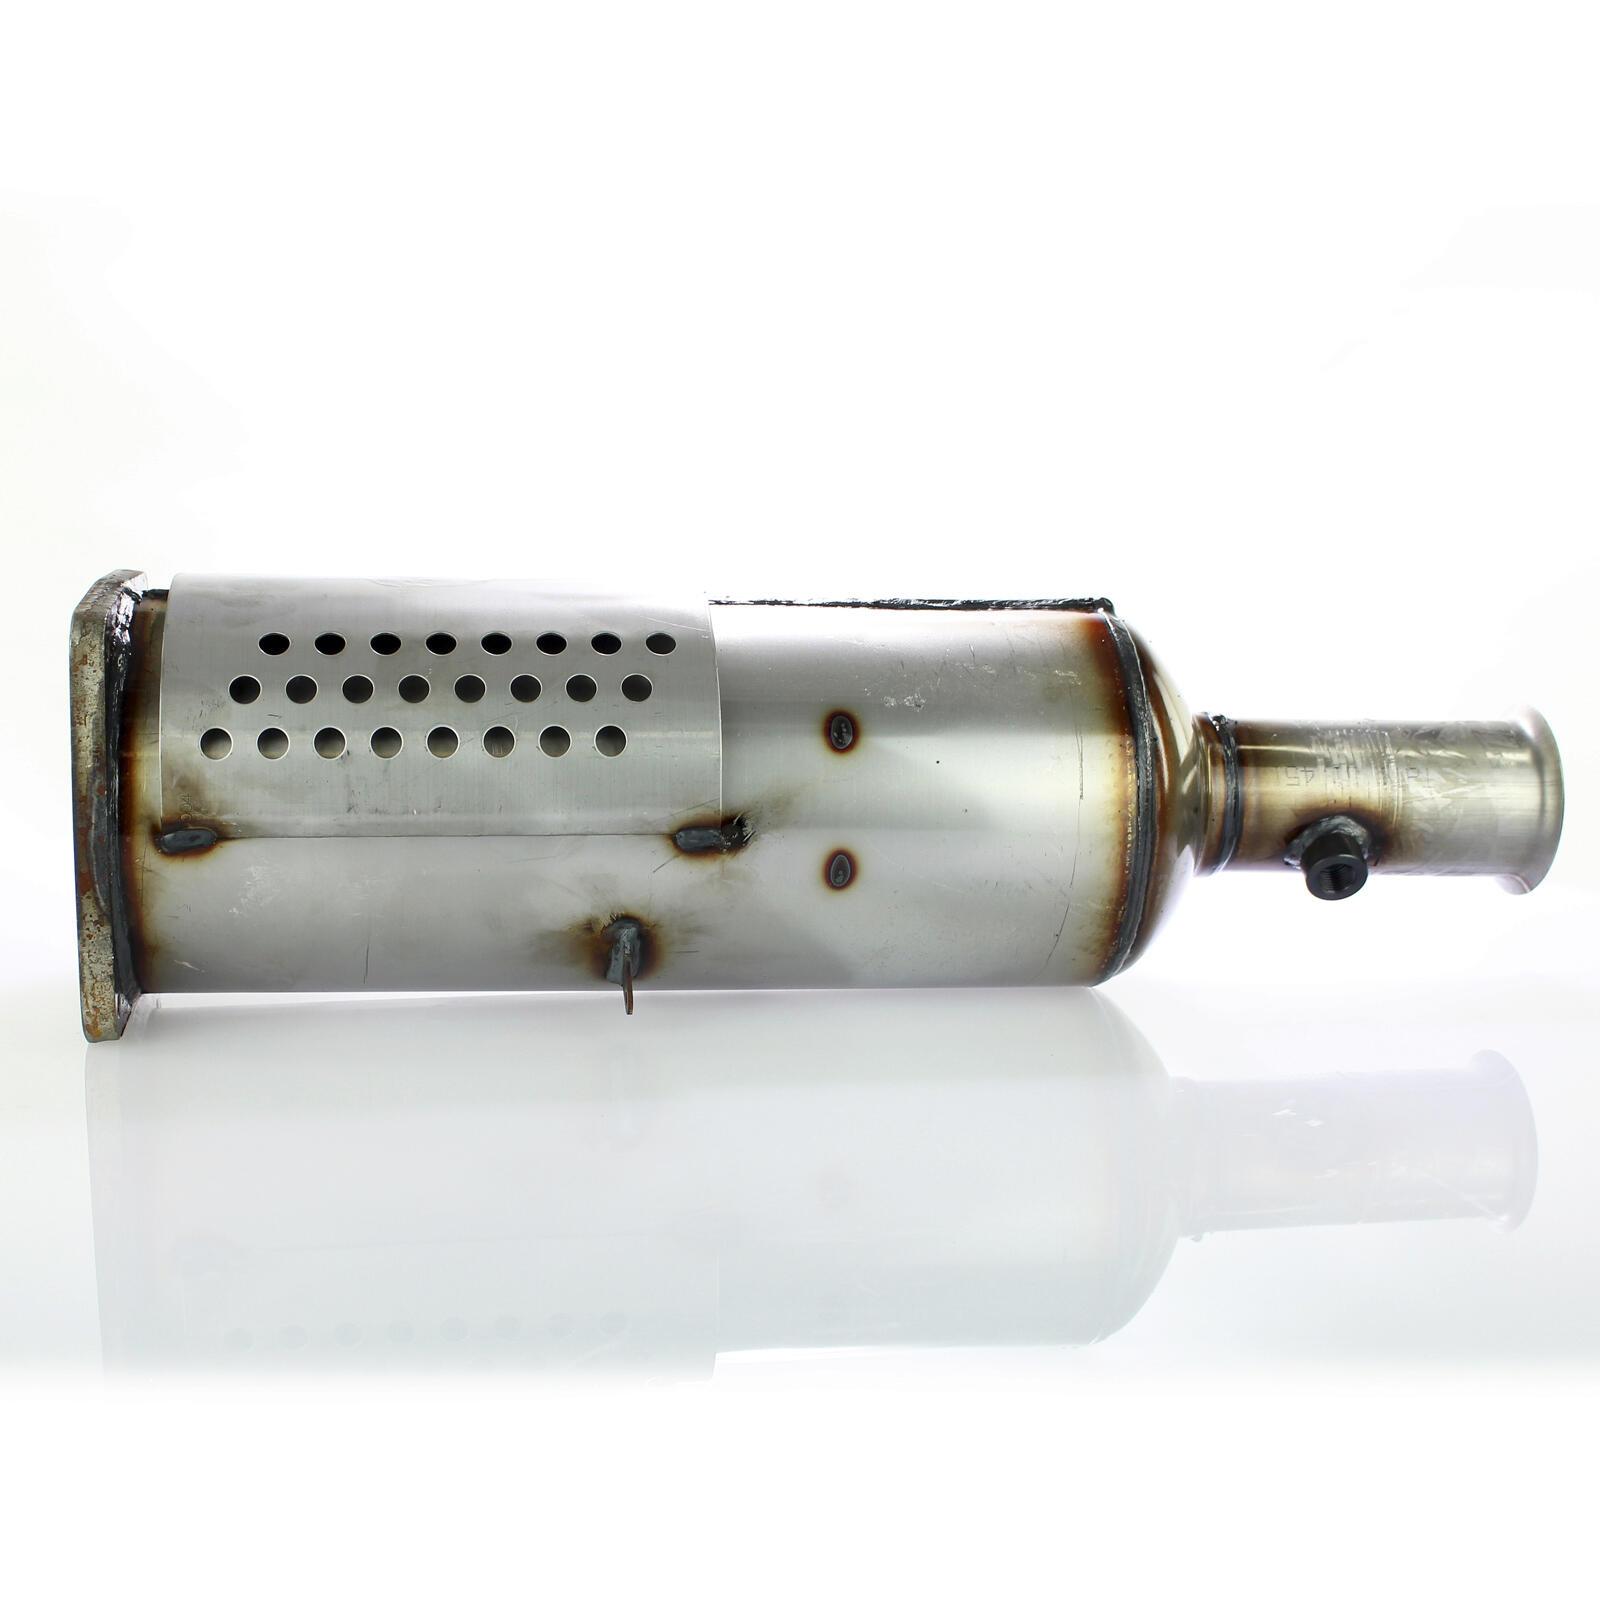 Ruß-/Partikelfilter, Abgasanlage